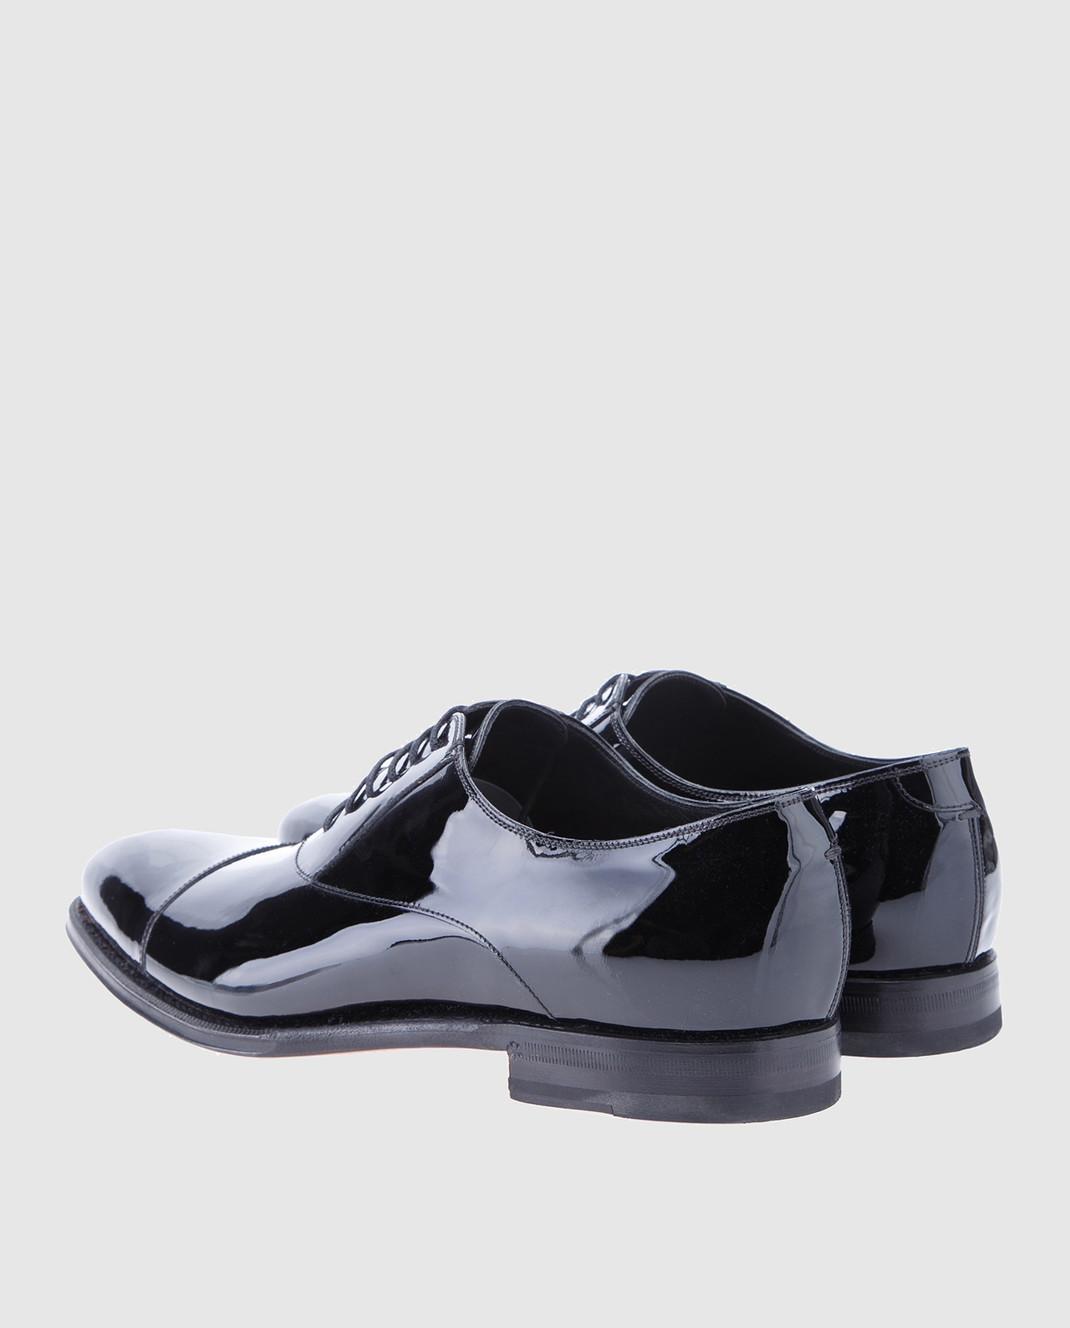 Gucci Черные кожаные оксфорды 457144BNCR0 изображение 3